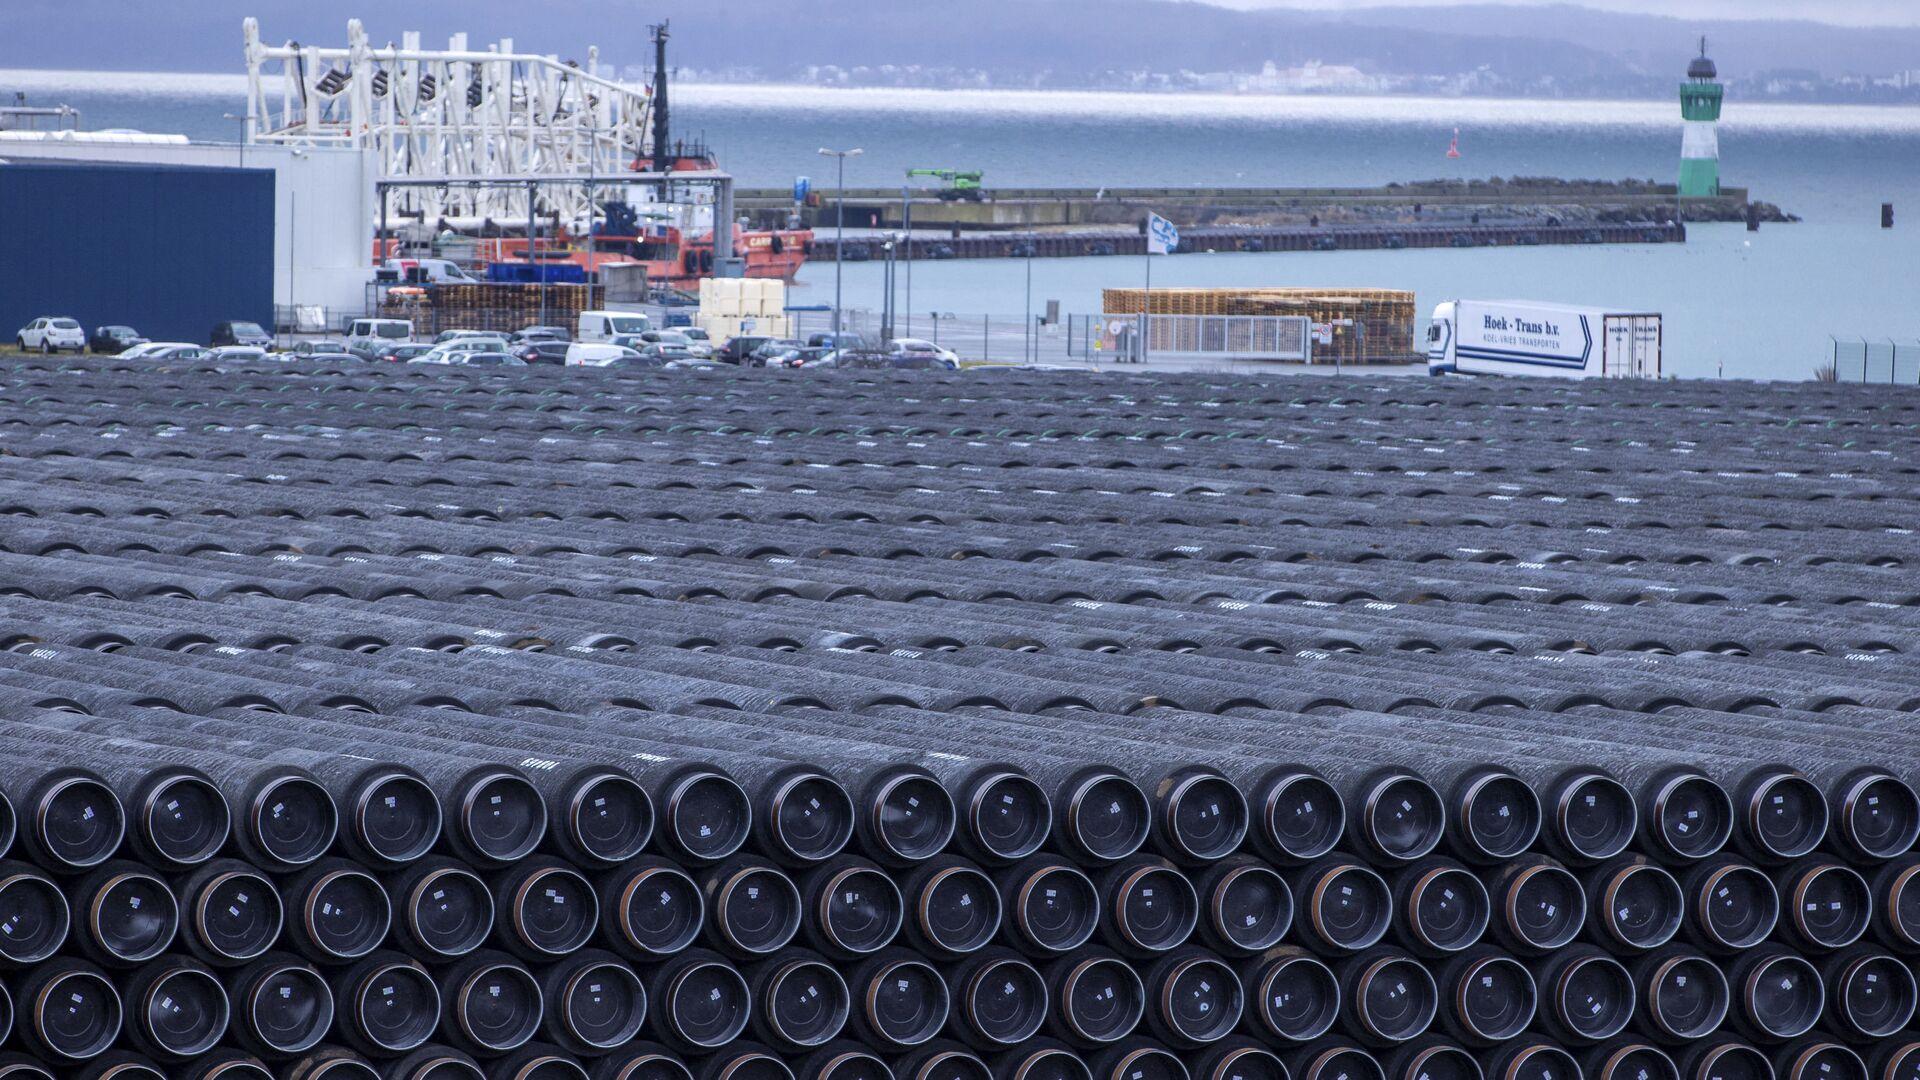 Potrubí na stavbu plynovodu Nord Stream 2 v Německu - Sputnik Česká republika, 1920, 17.03.2021